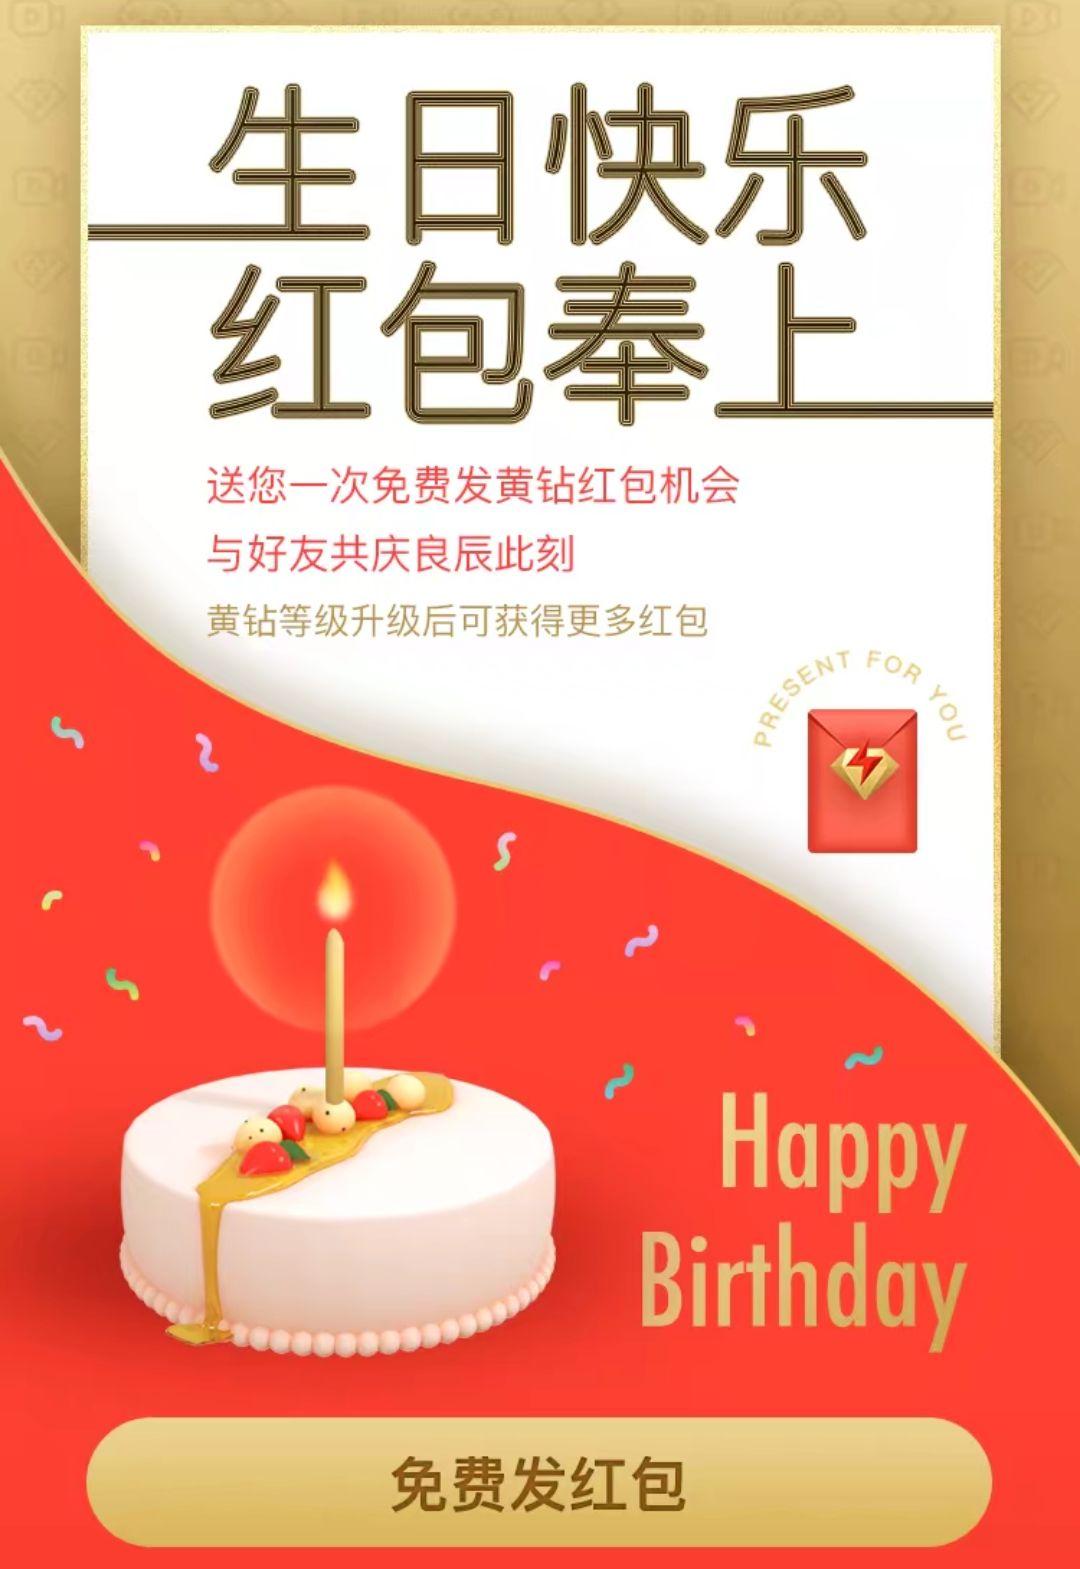 修改QQ资料发黄钻生日红包 最多可以发30个黄钻红包